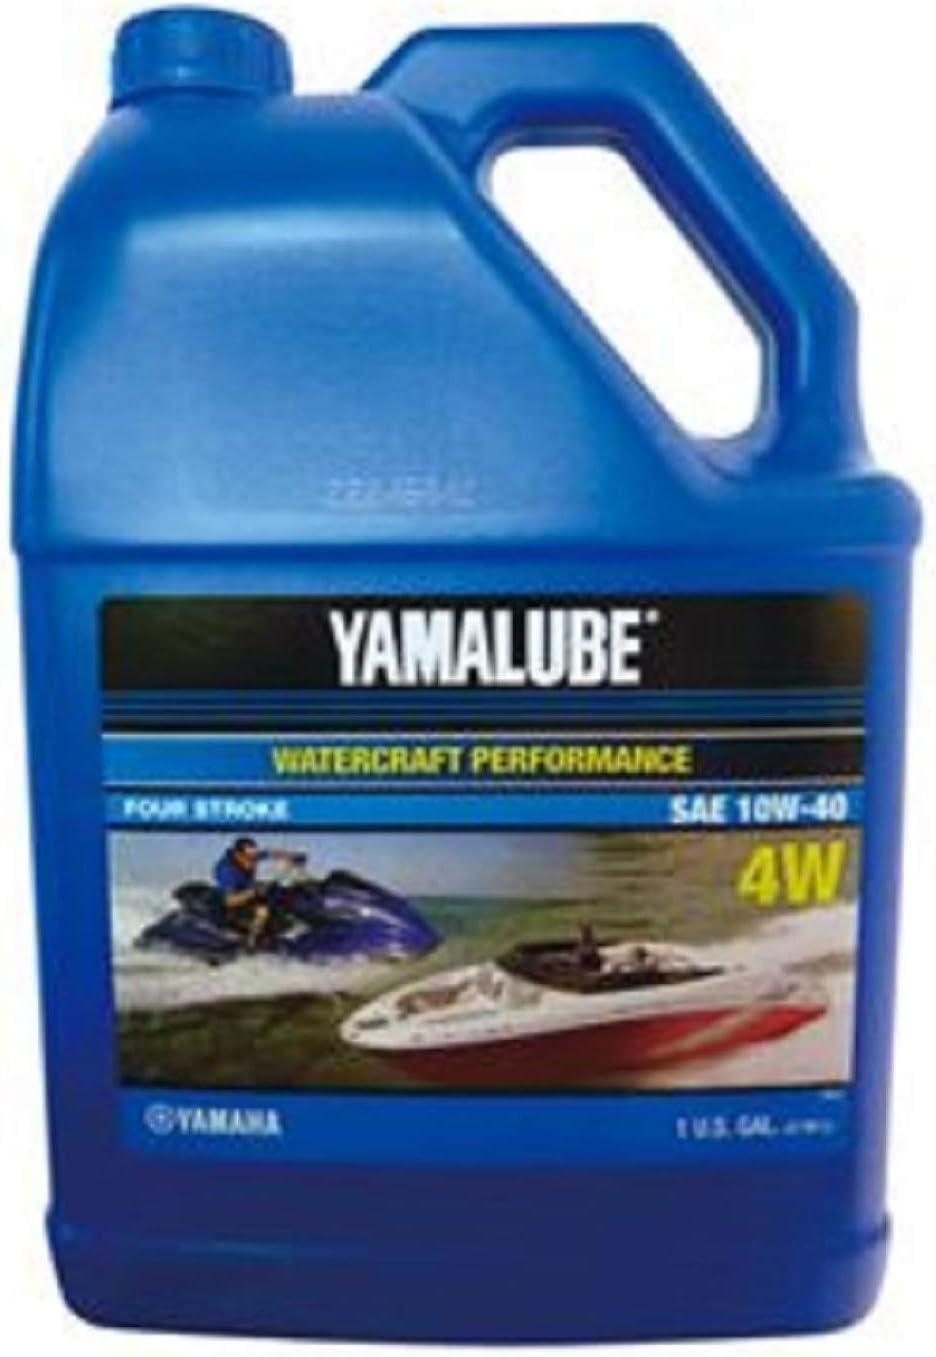 Yamahalube LUB10W40WV04 Watercraft Wave Runner Oil